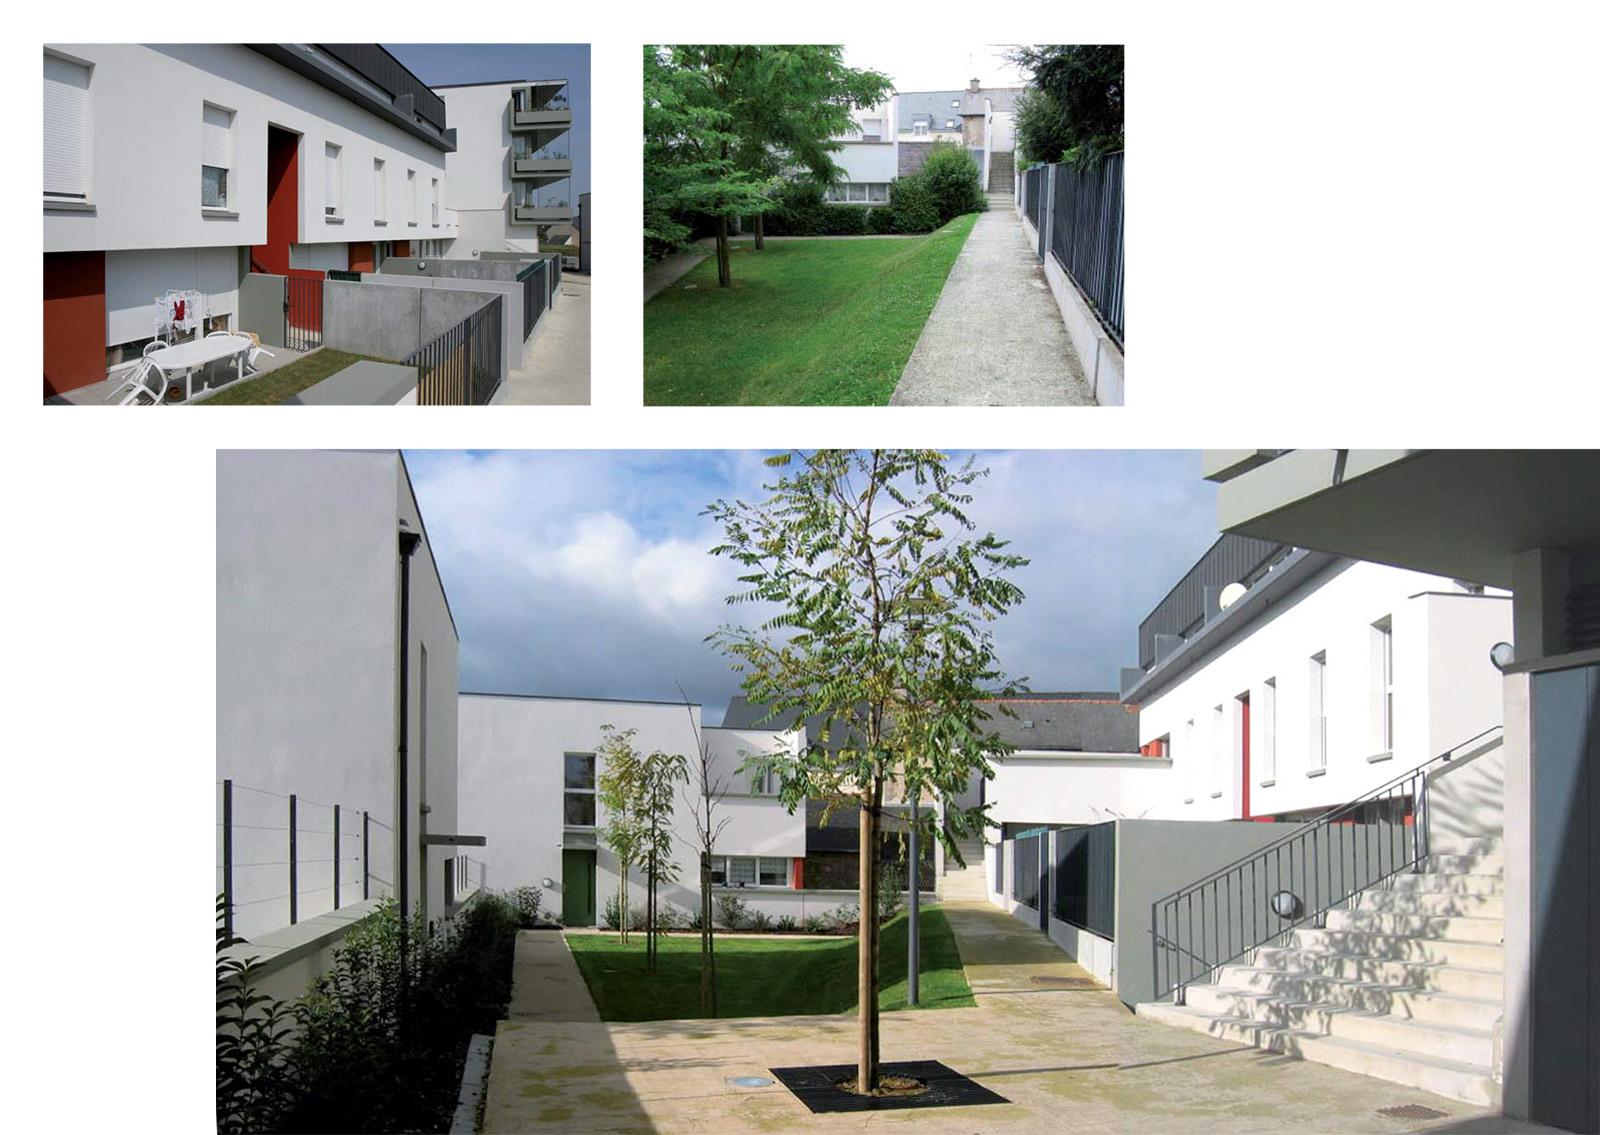 La cour jardin de la parcelle 2